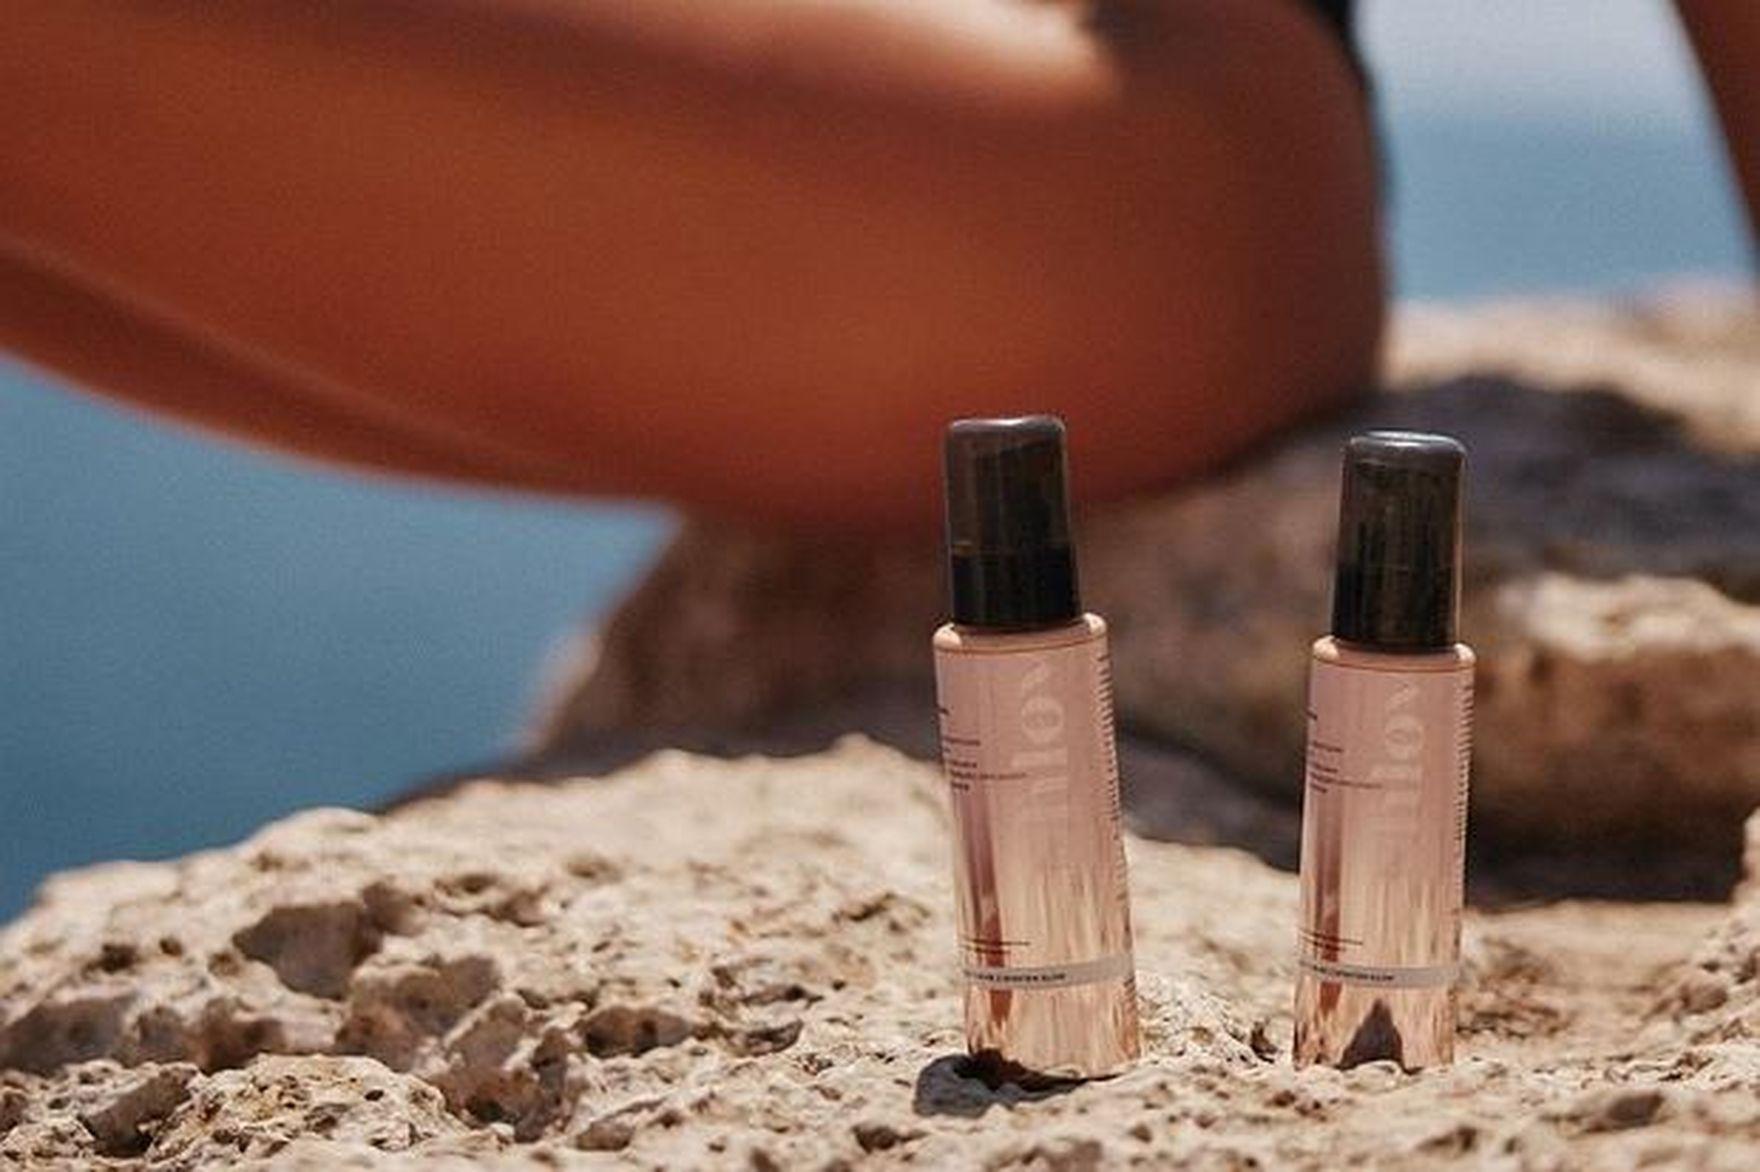 Kosmetyki do ciała, które sprawdzą się latem. Propozycje z oferty polskiej marki